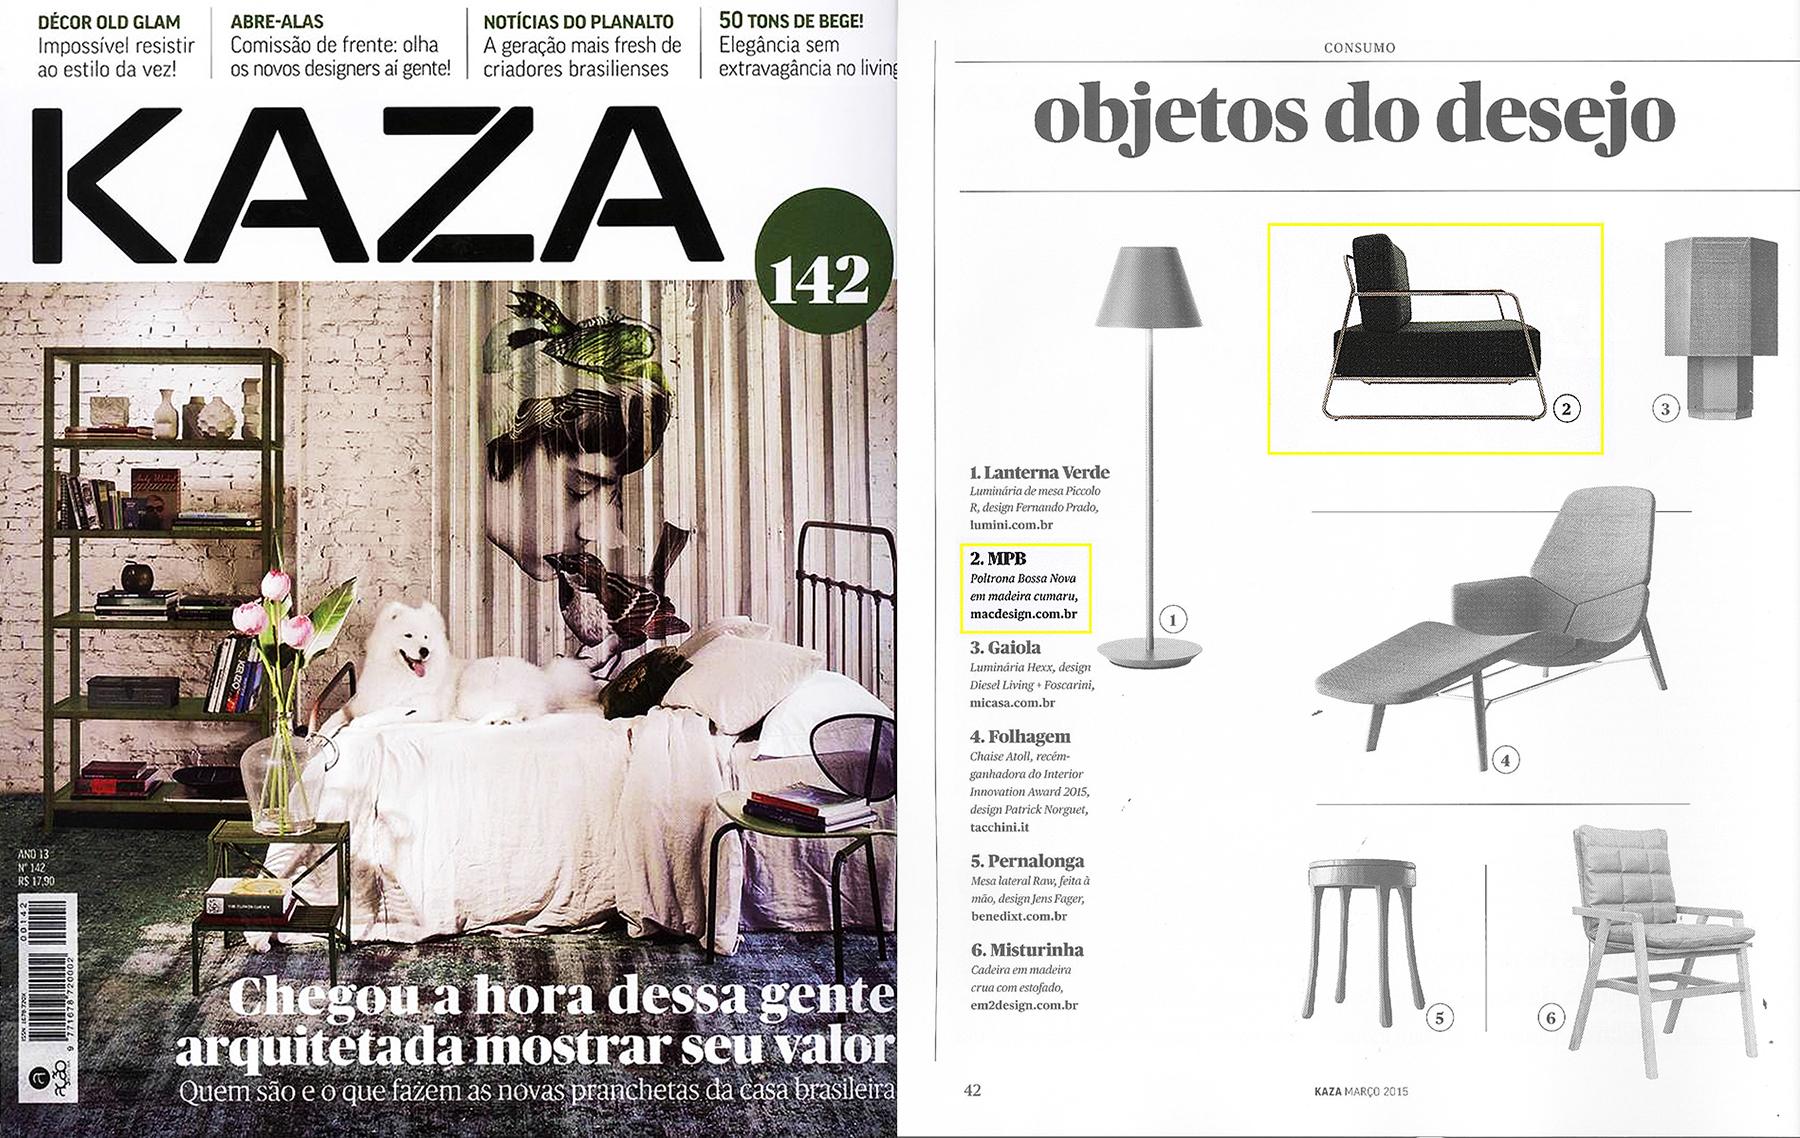 KAZA nº 142 - March 2015